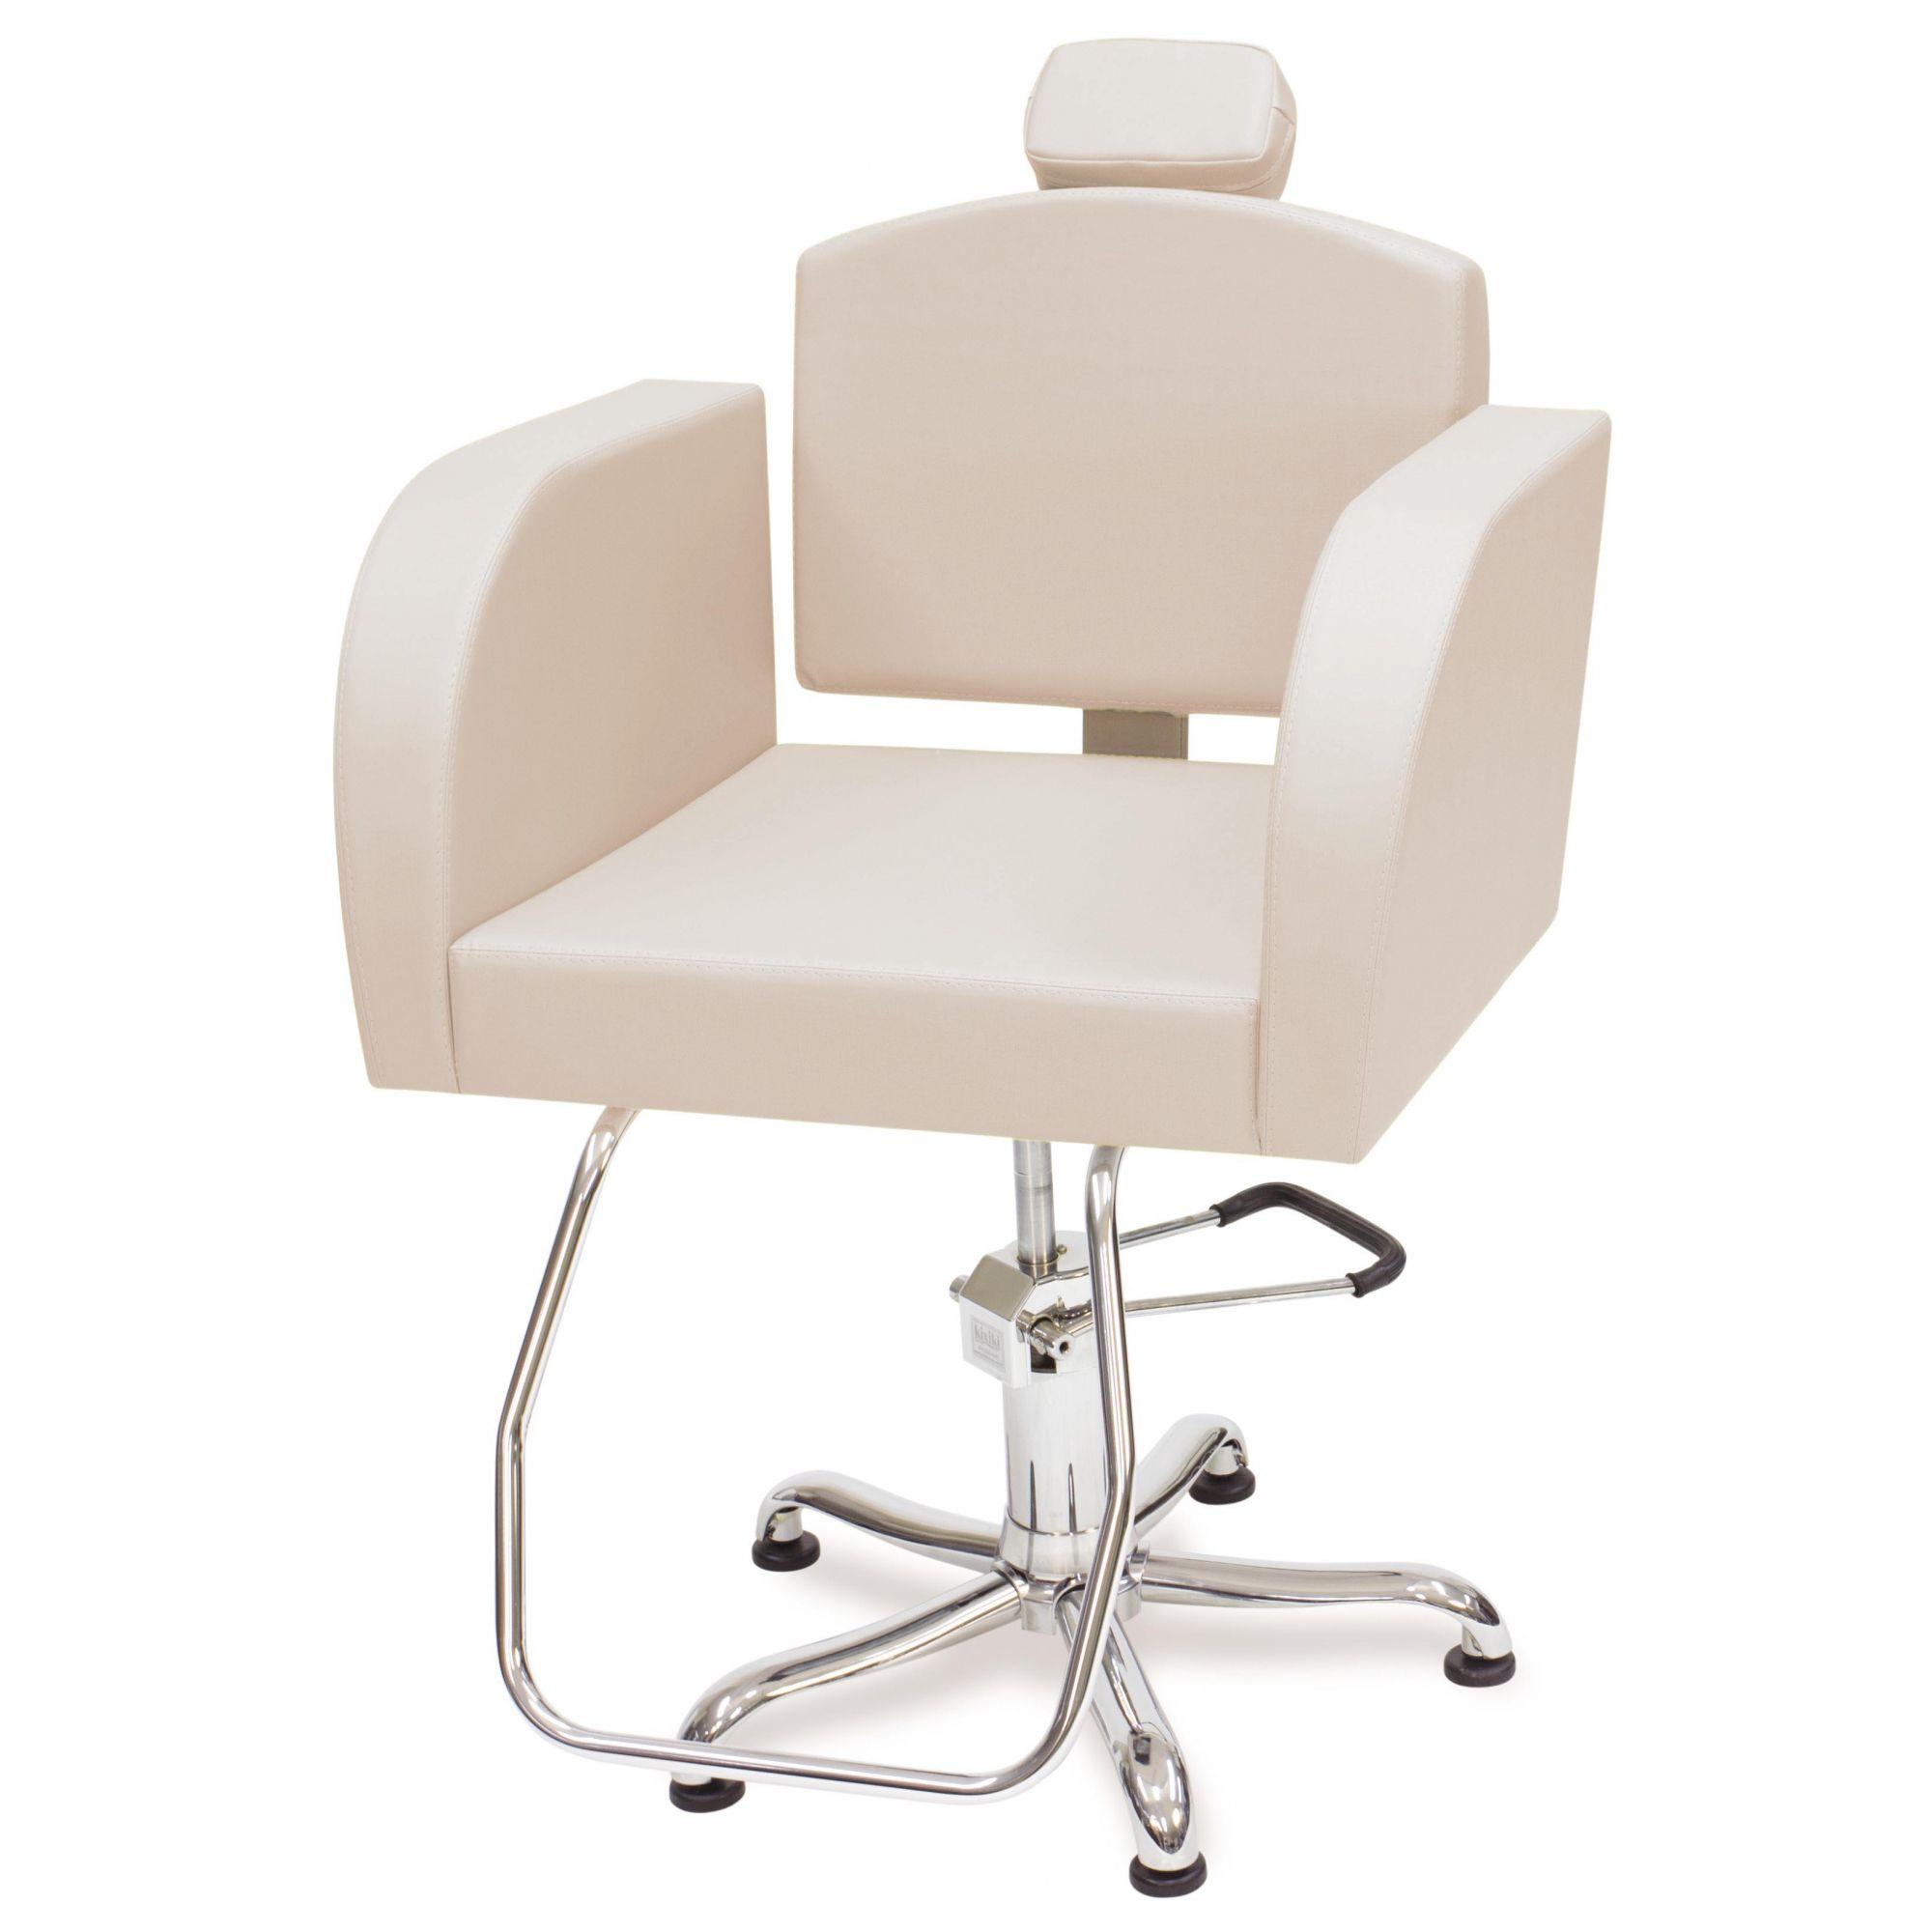 Kit Cadeira reclinável Capri+ Cadeira reclinável Capri+ Lavatório Capri